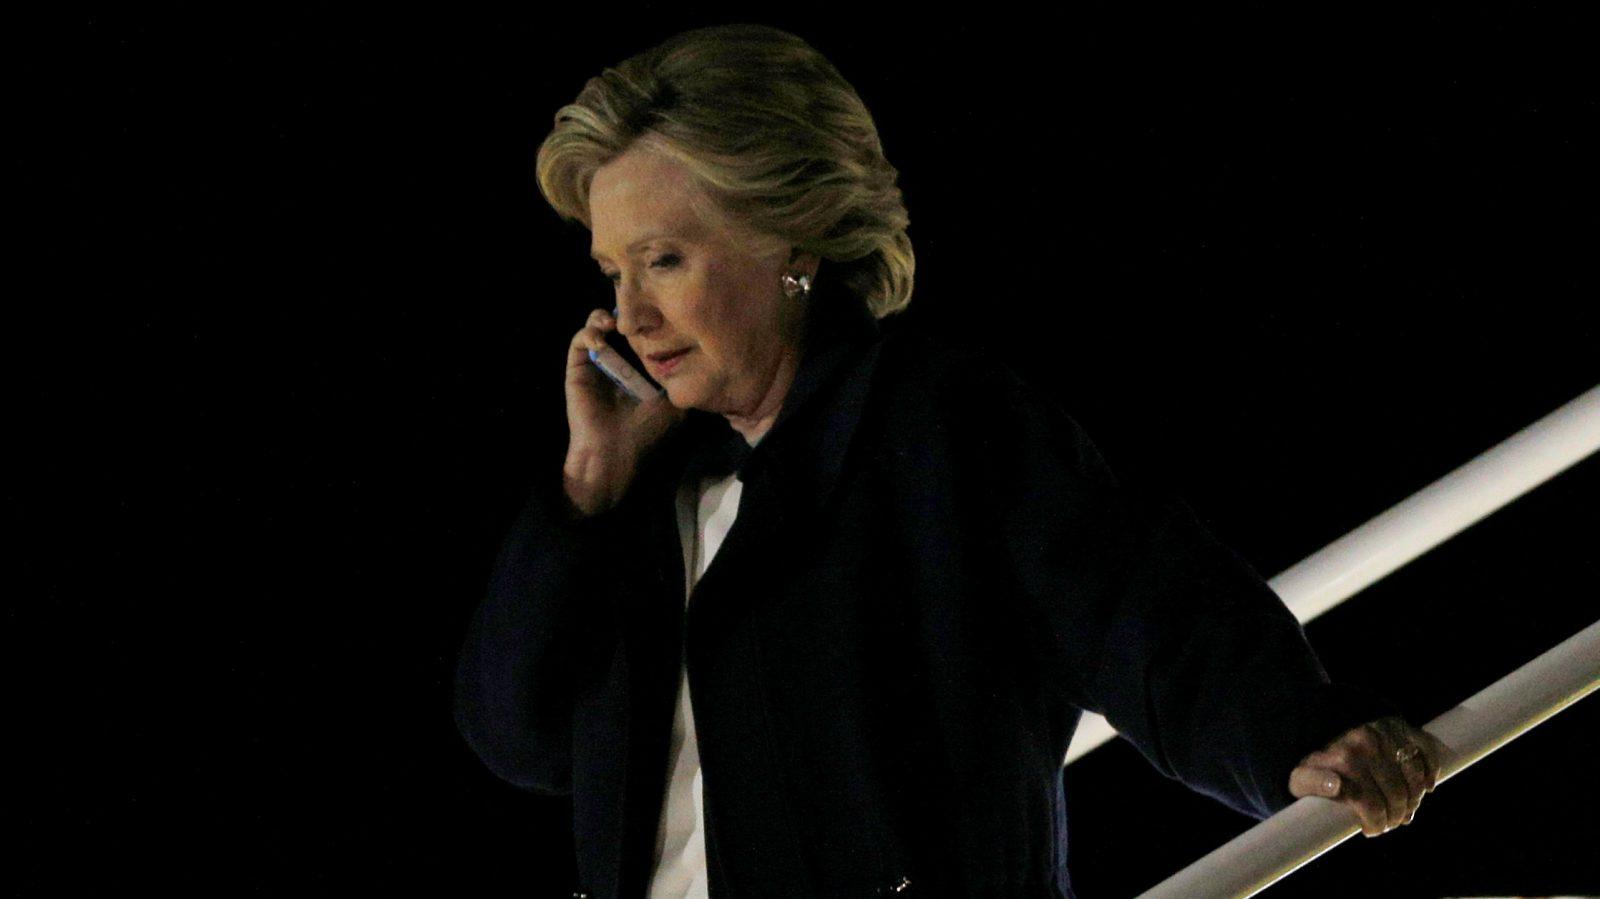 Hillary Clinton concedes.